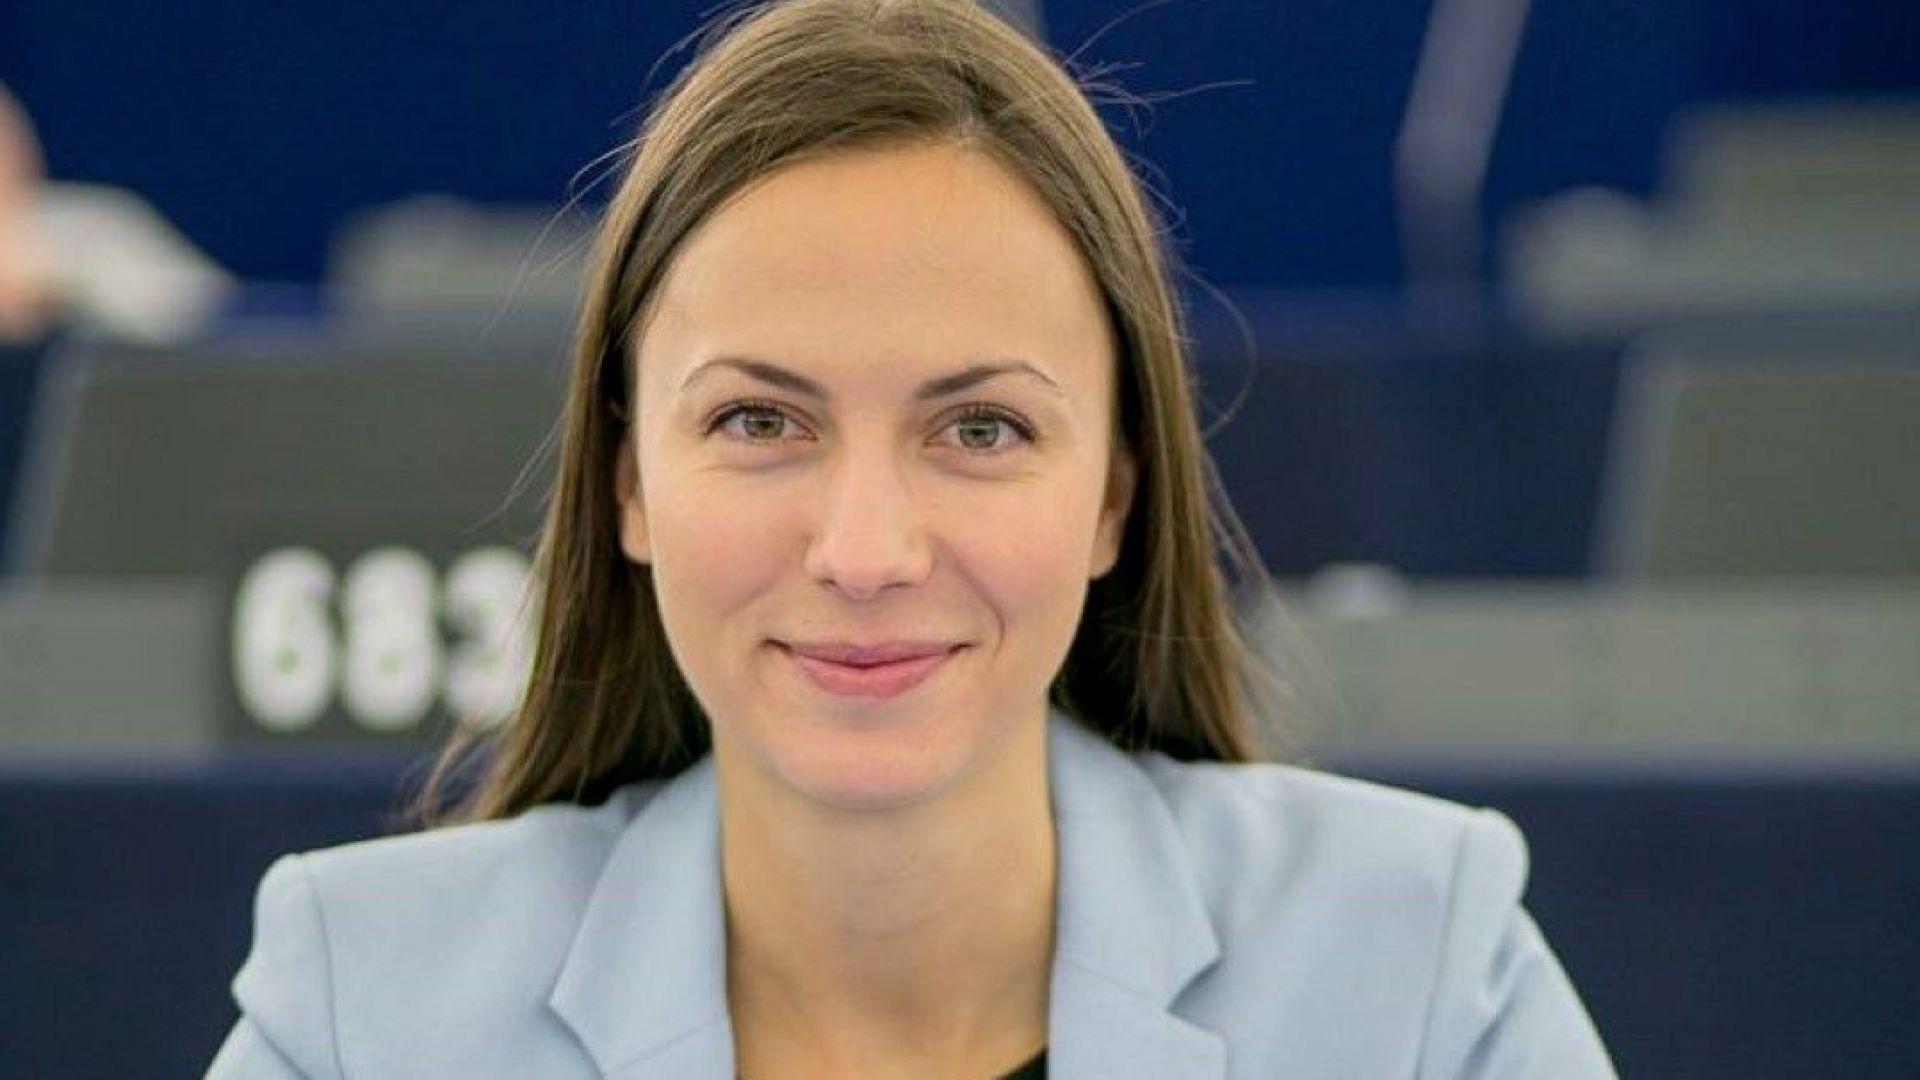 Ева Майдел: До 2025 година ПИН-кодовете за картови плащания ще отпаднат